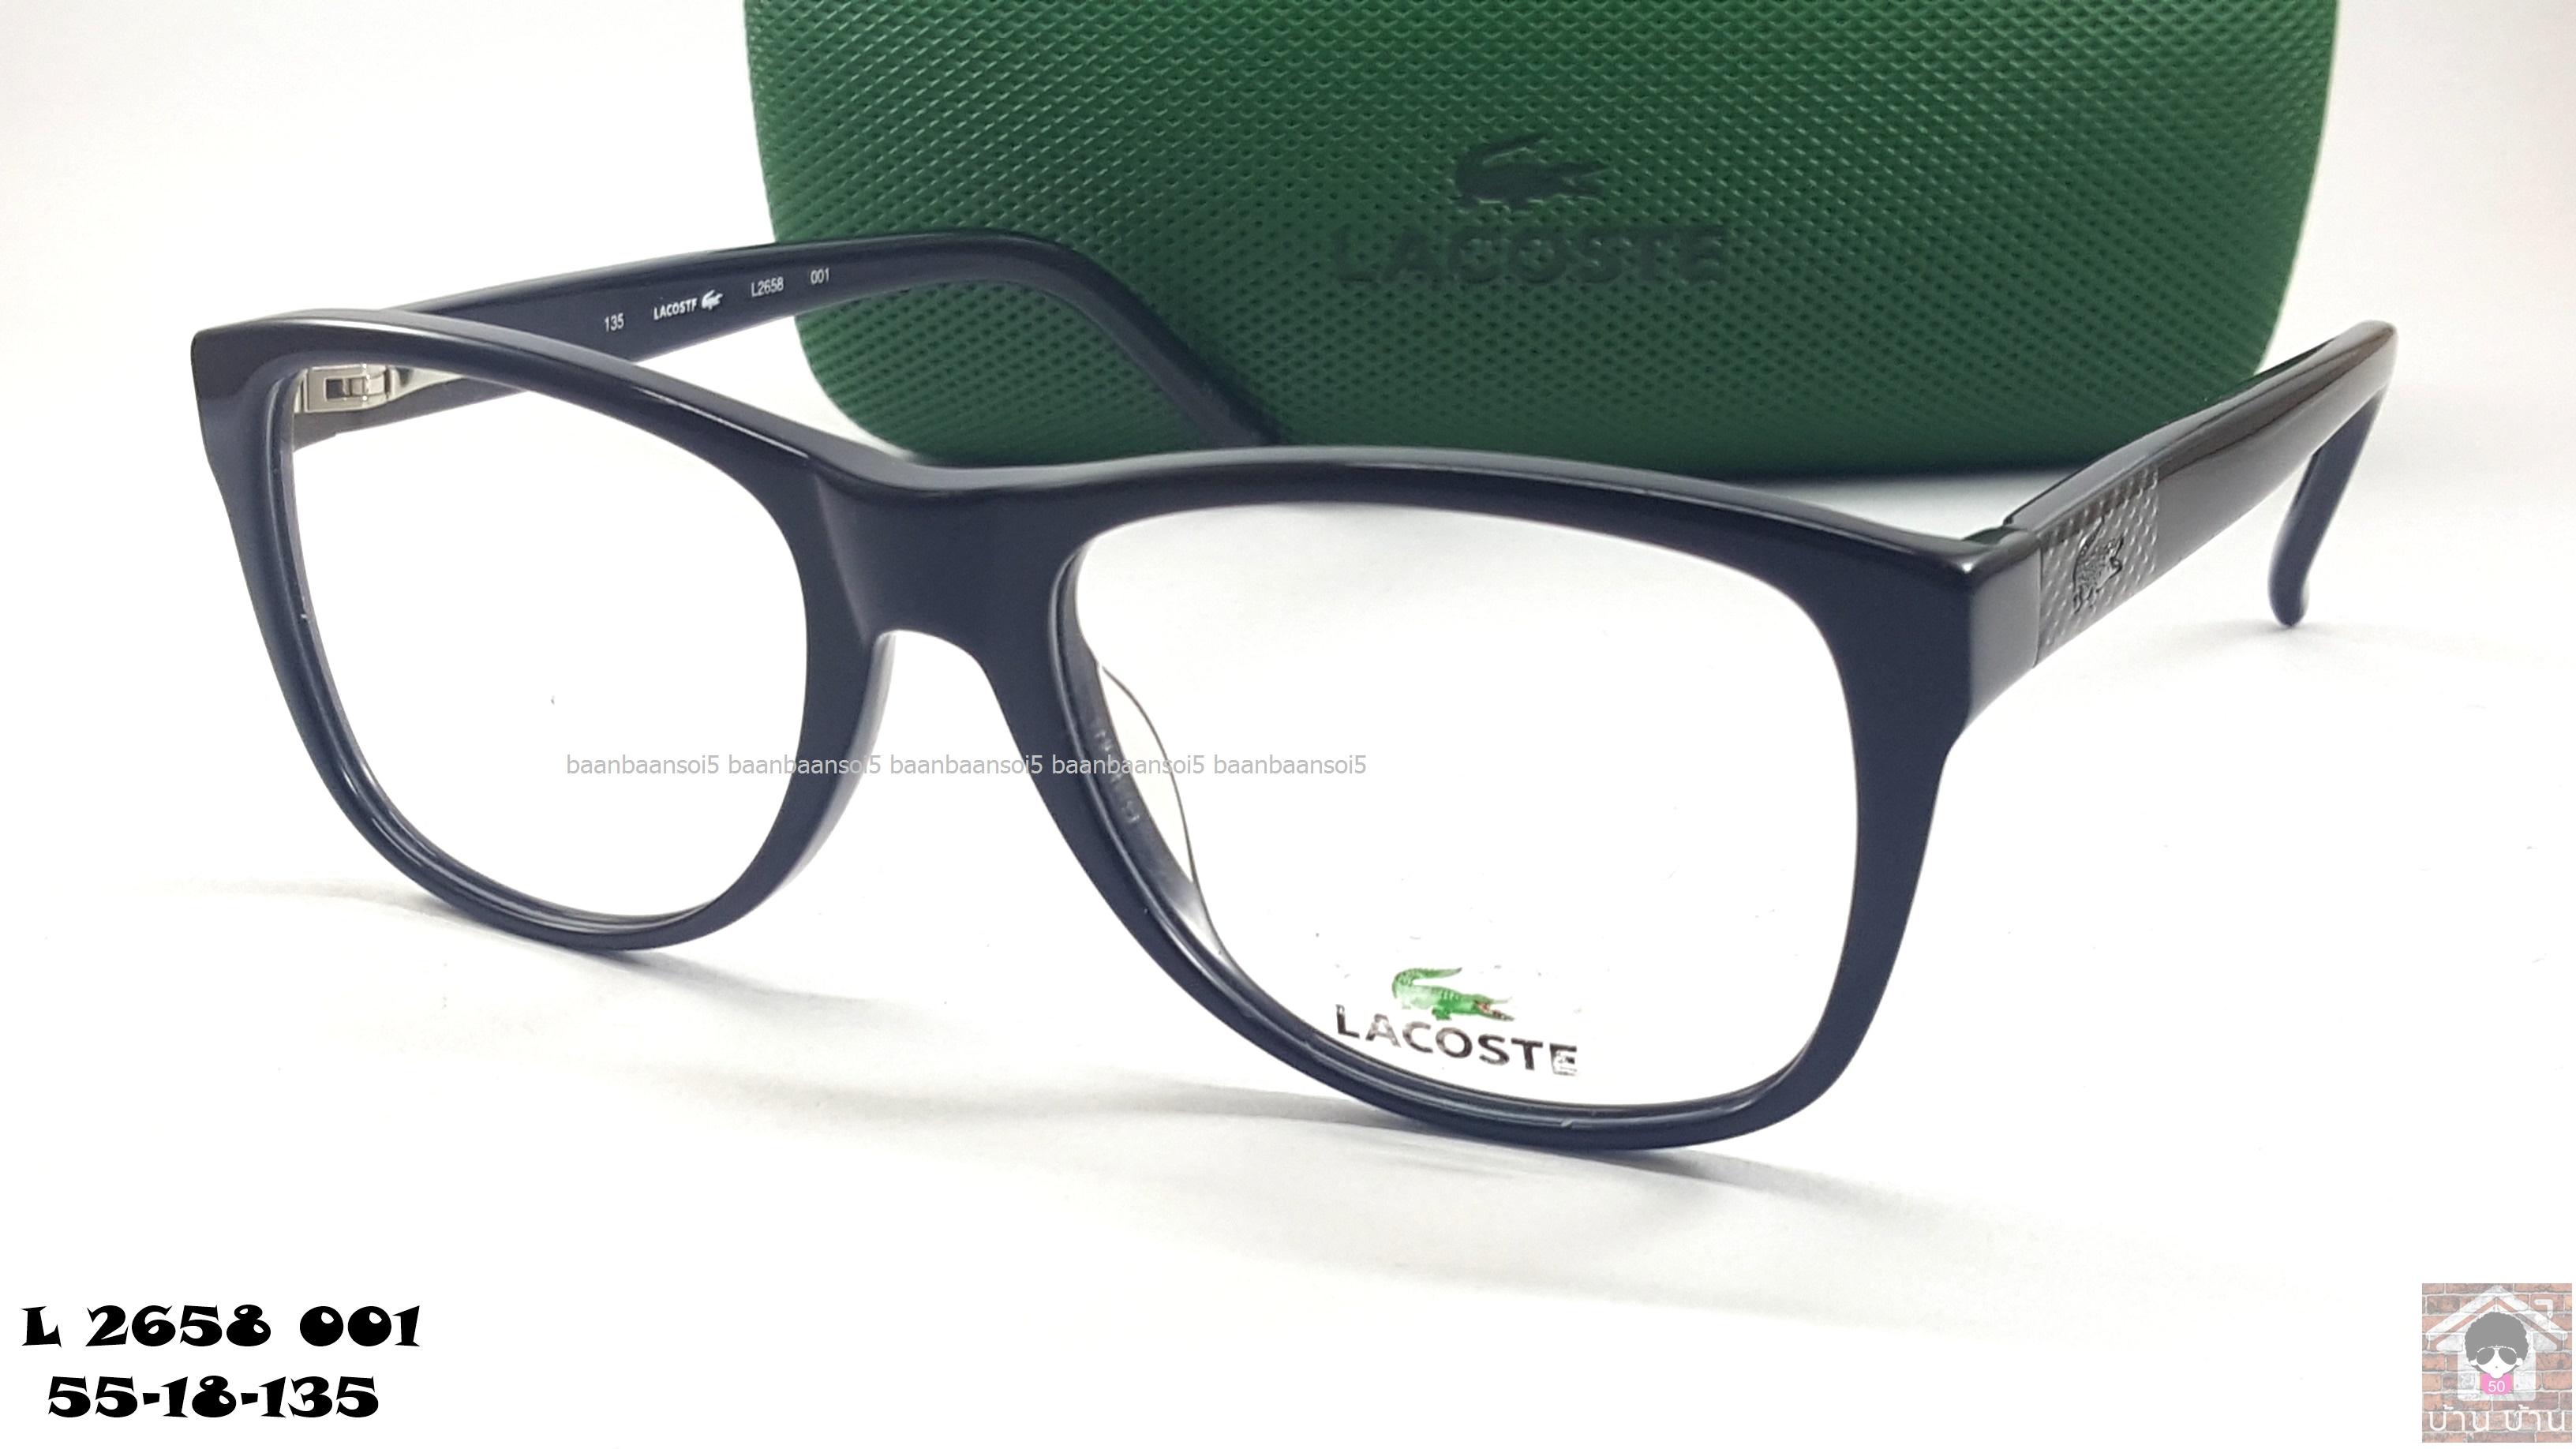 LACOSTE L2658 001 โปรโมชั่น กรอบแว่นตาพร้อมเลนส์ HOYA ราคา 3,900 บาท